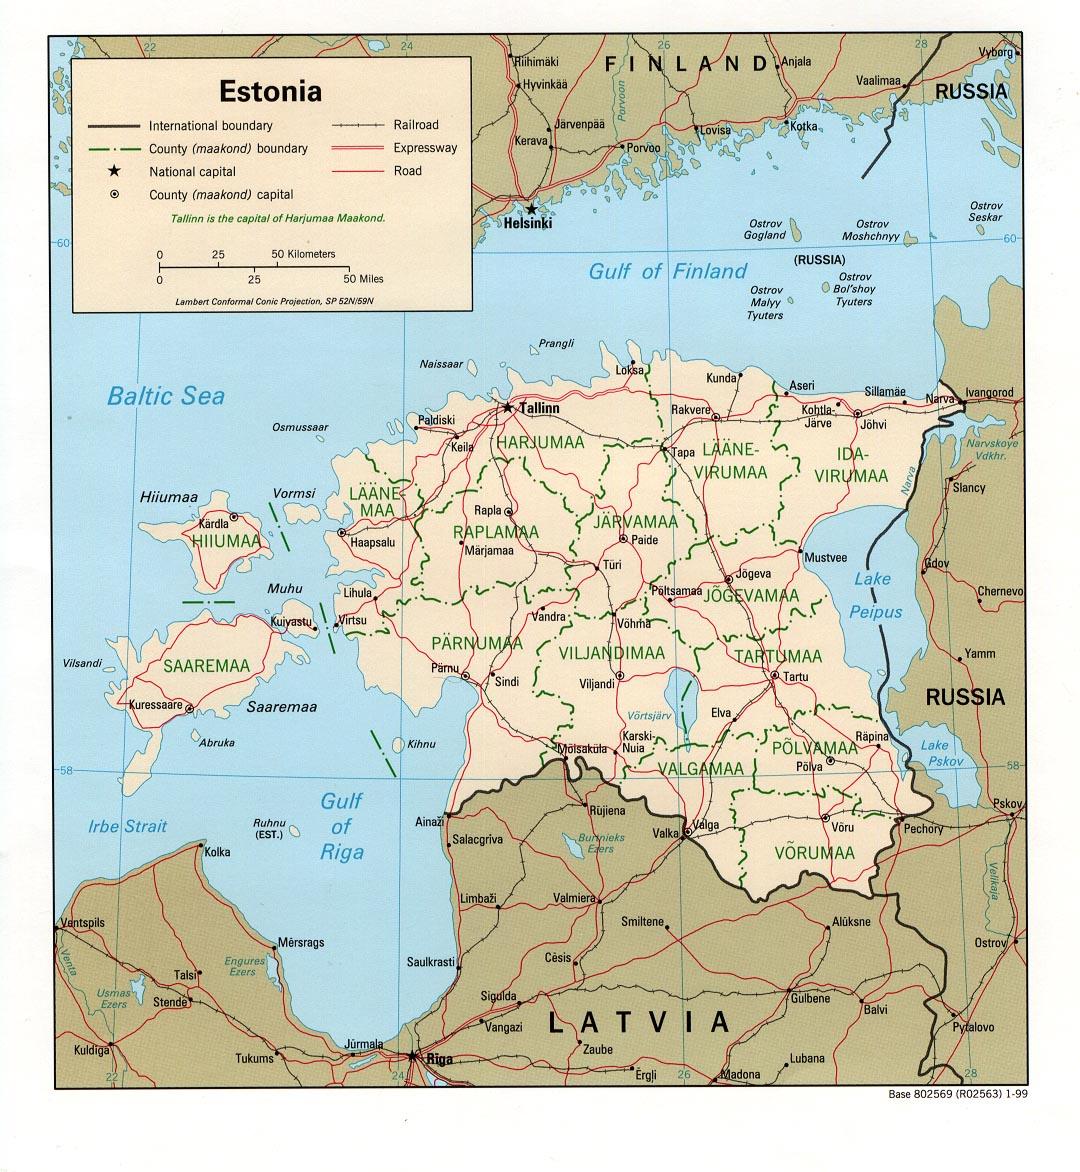 Mapa Grande da Estónia 19